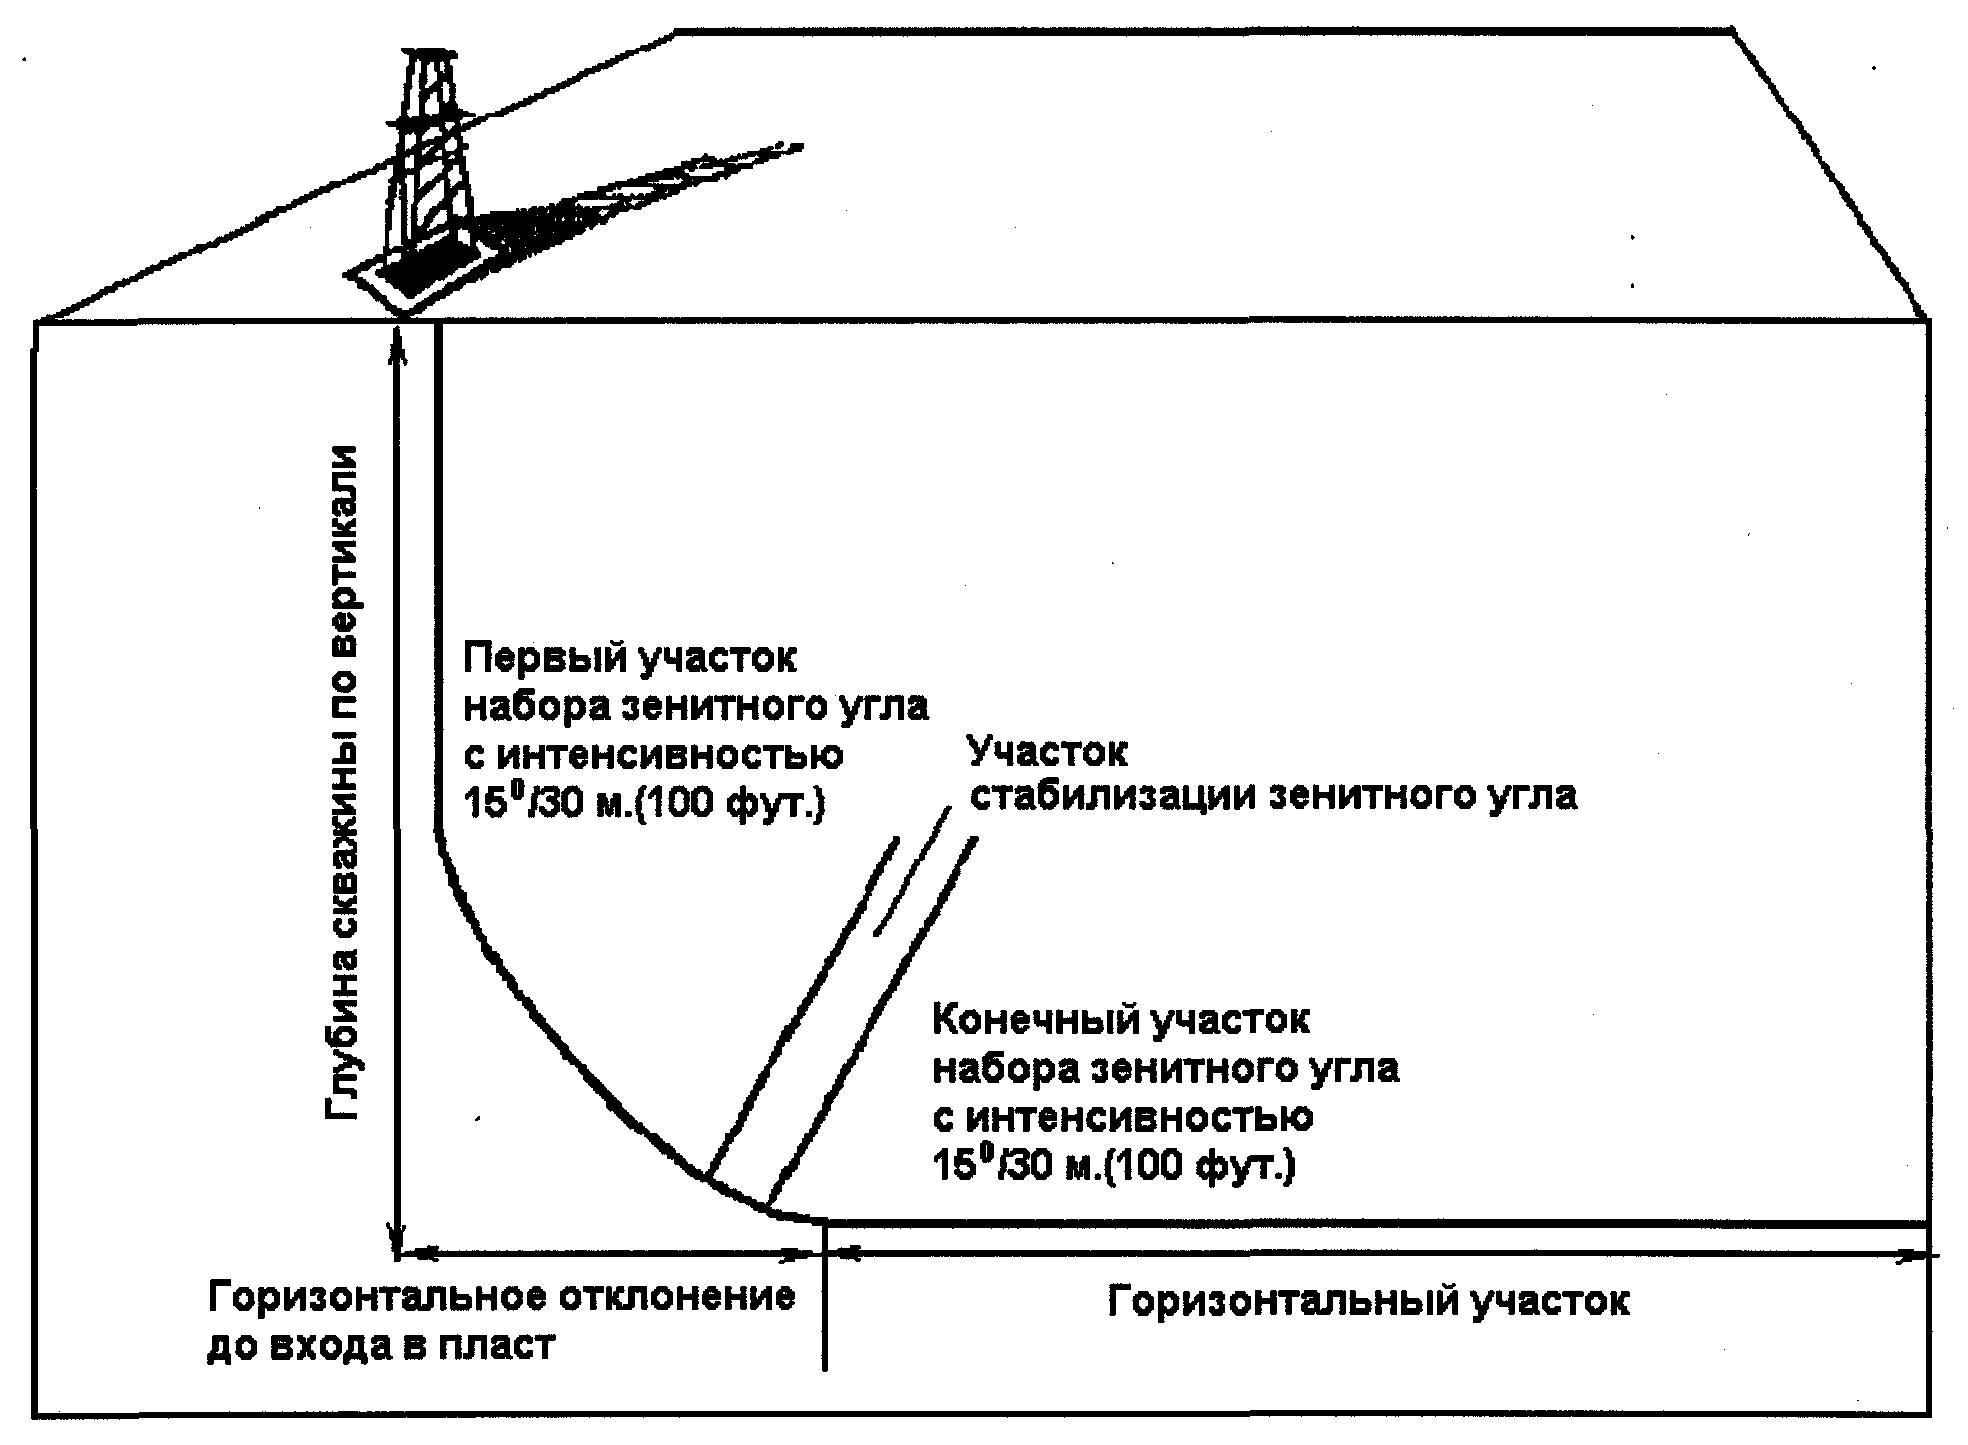 Зенитный угол скважины: основные понятия, общие закономерности